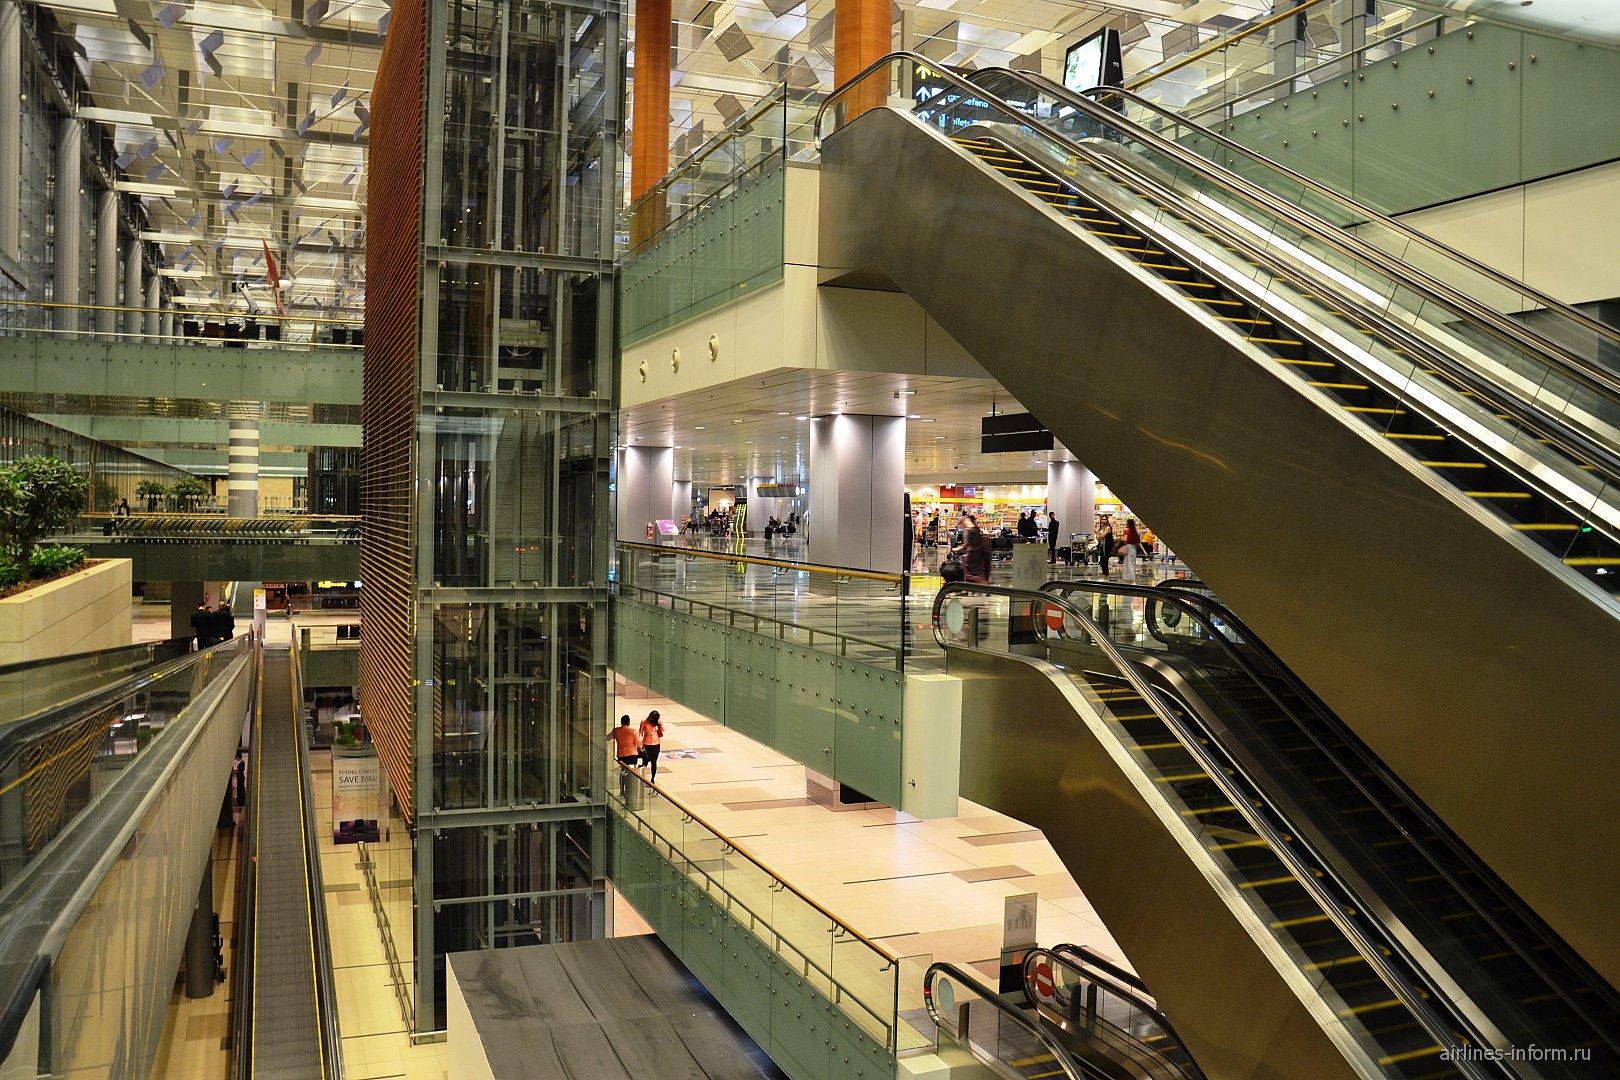 Эскалаторы между этажами в Терминале 3 аэропорта Сингапур Чанги